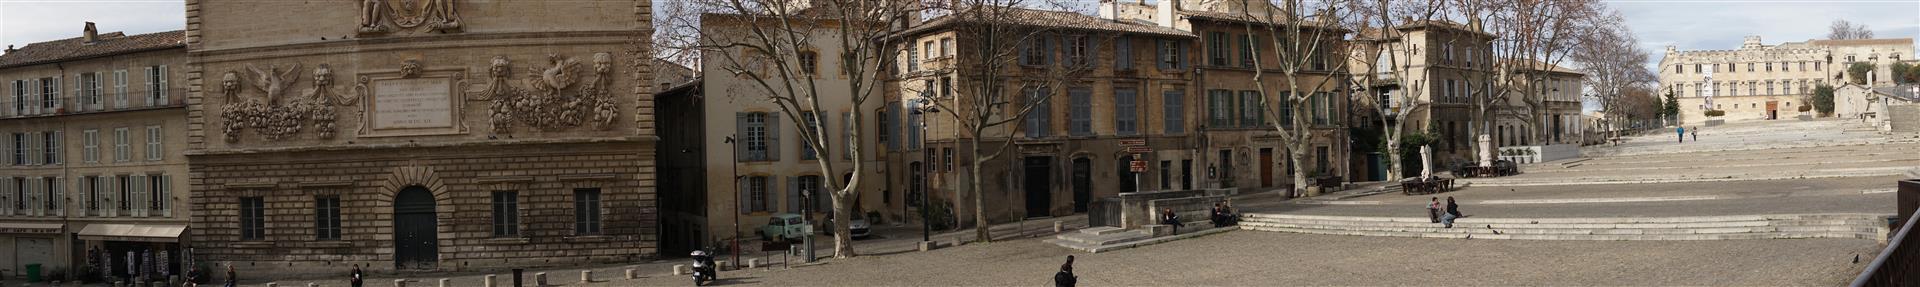 La place du palais des Papes, Avignon